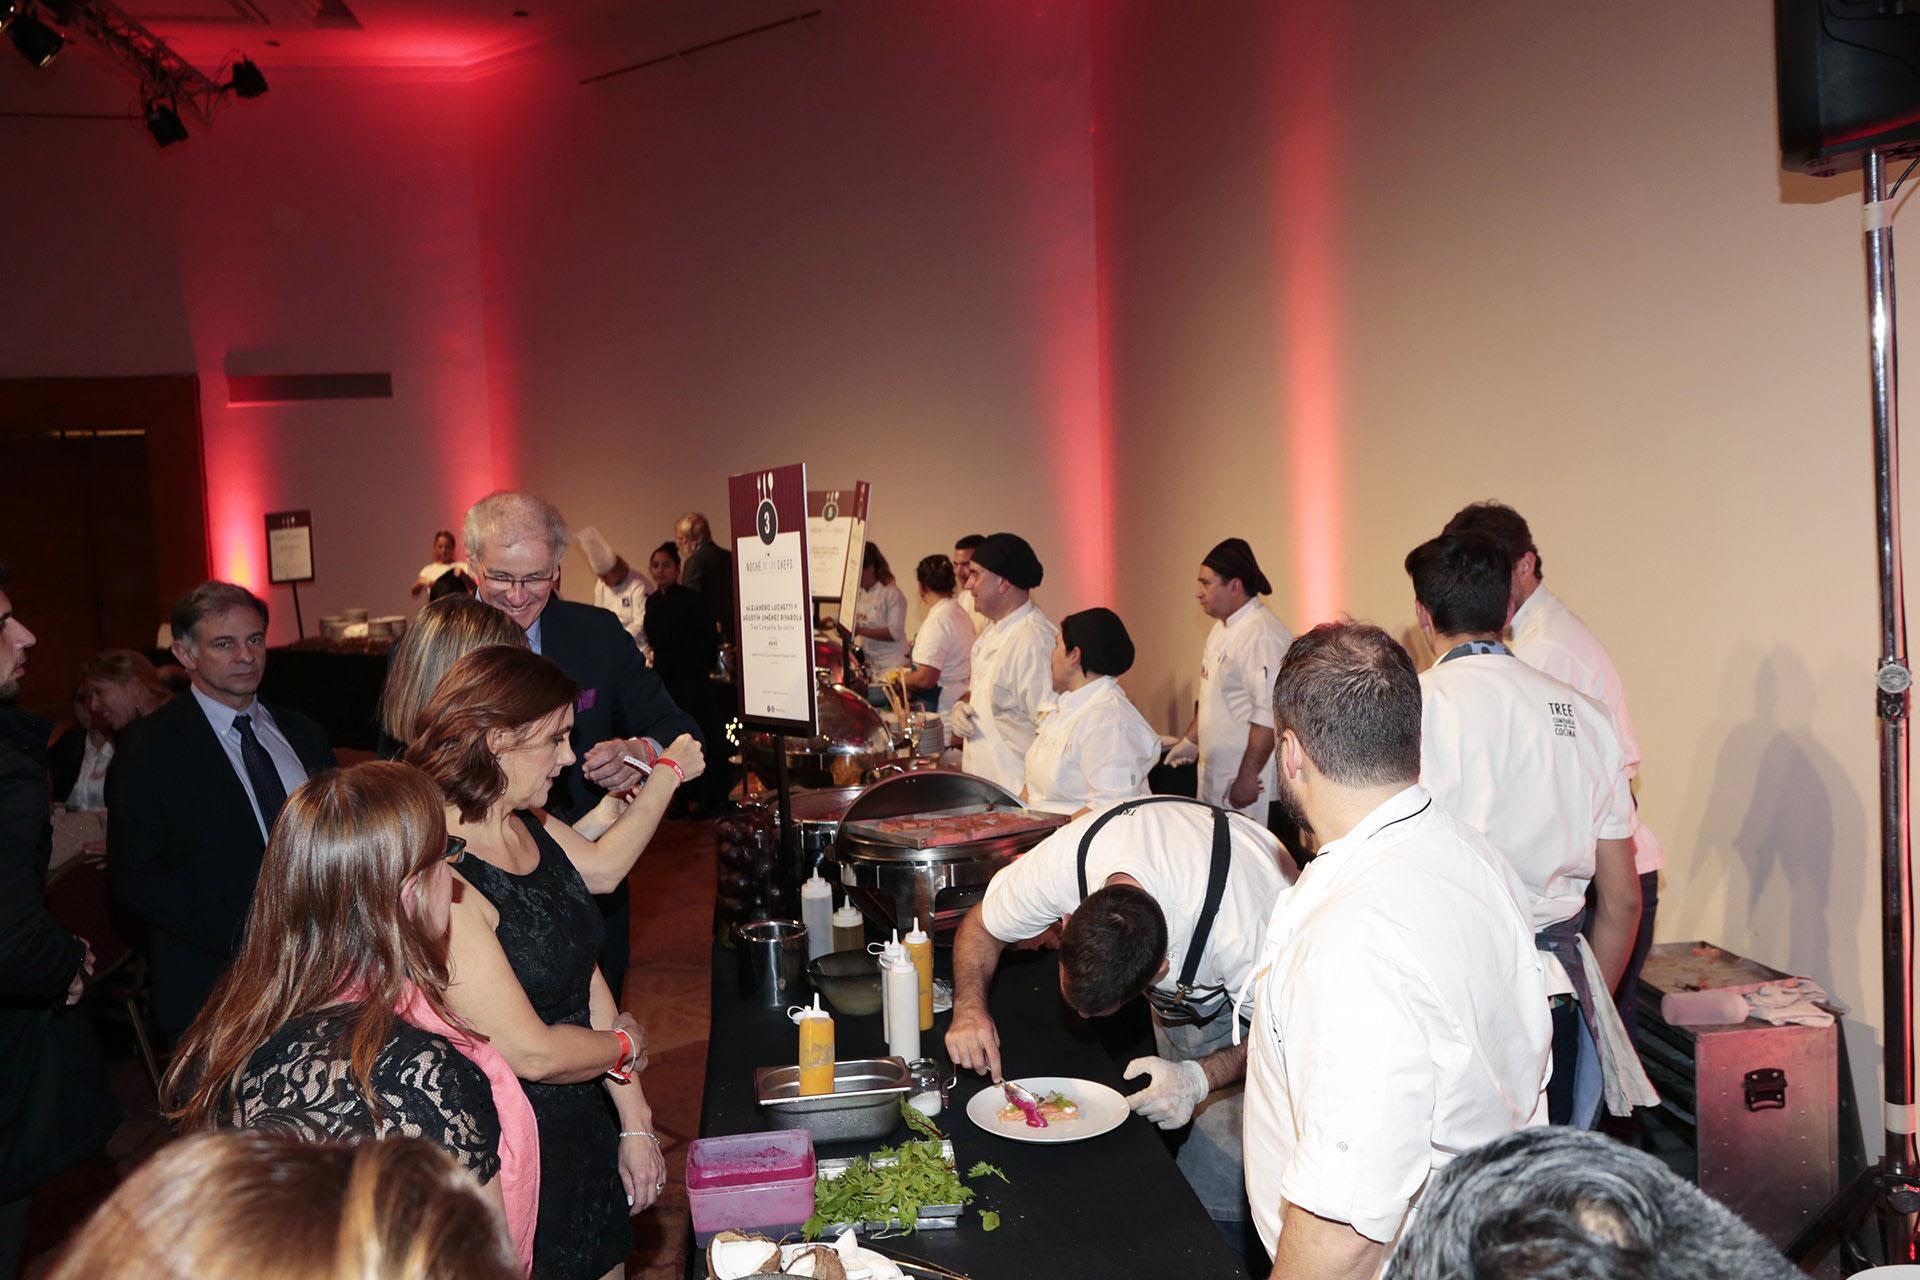 El evento congregó a los mejores chefs de la Argentina, quienes presentaron sus propuestas culinarias en su stand